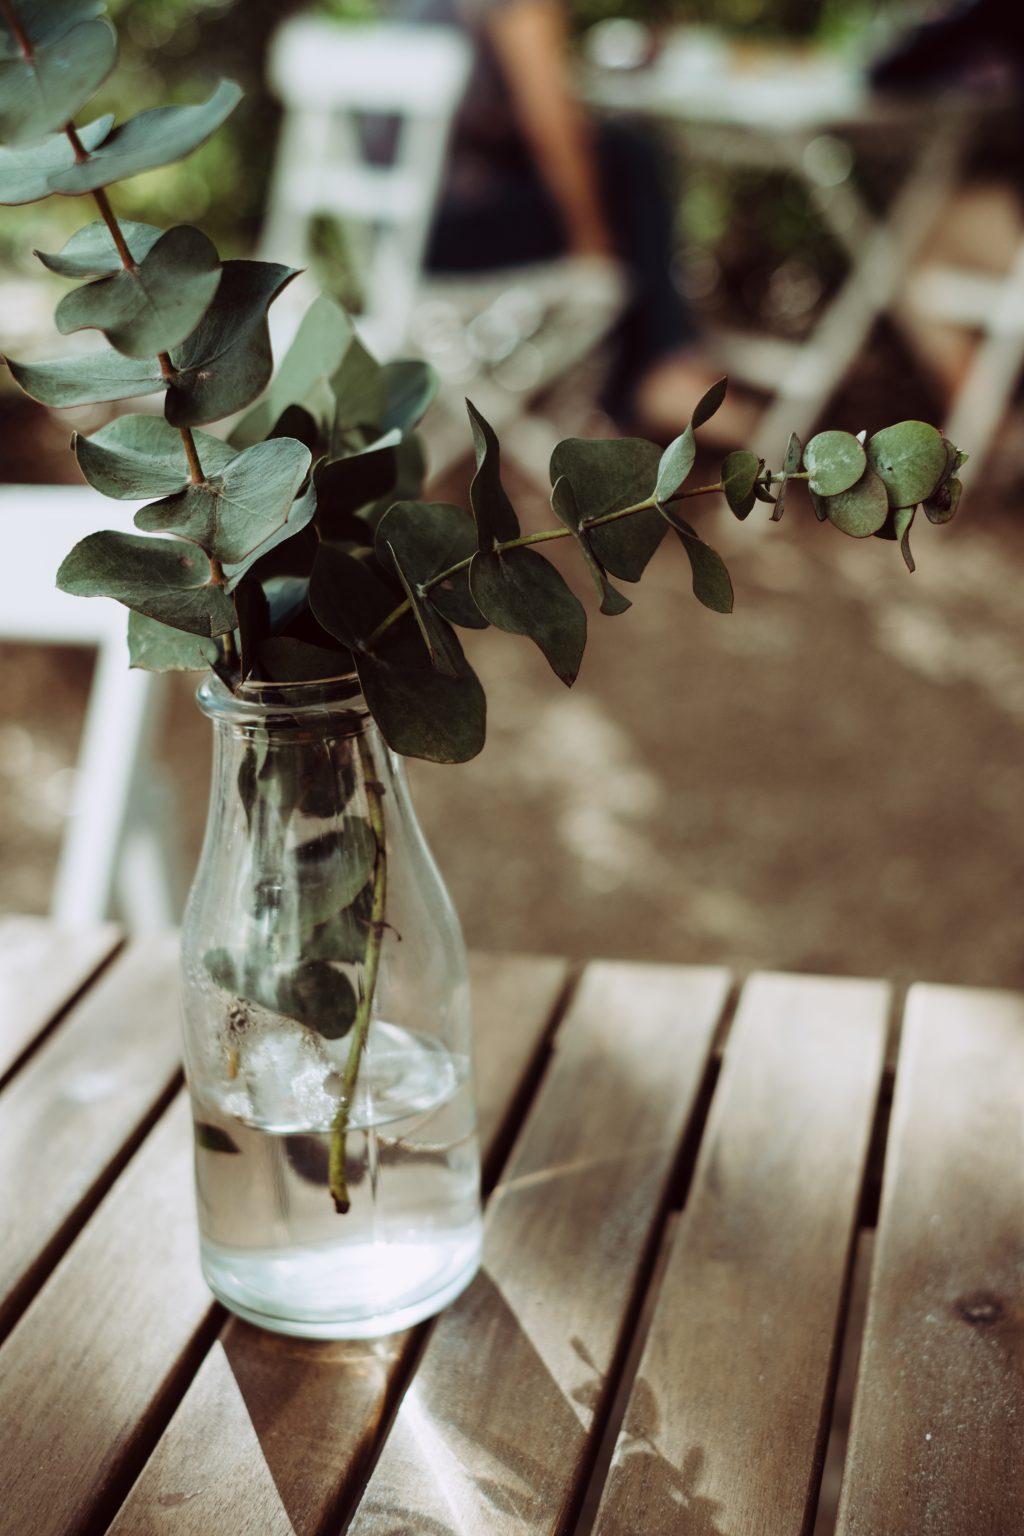 Eucalyptus twigs in a bottle - free stock photo